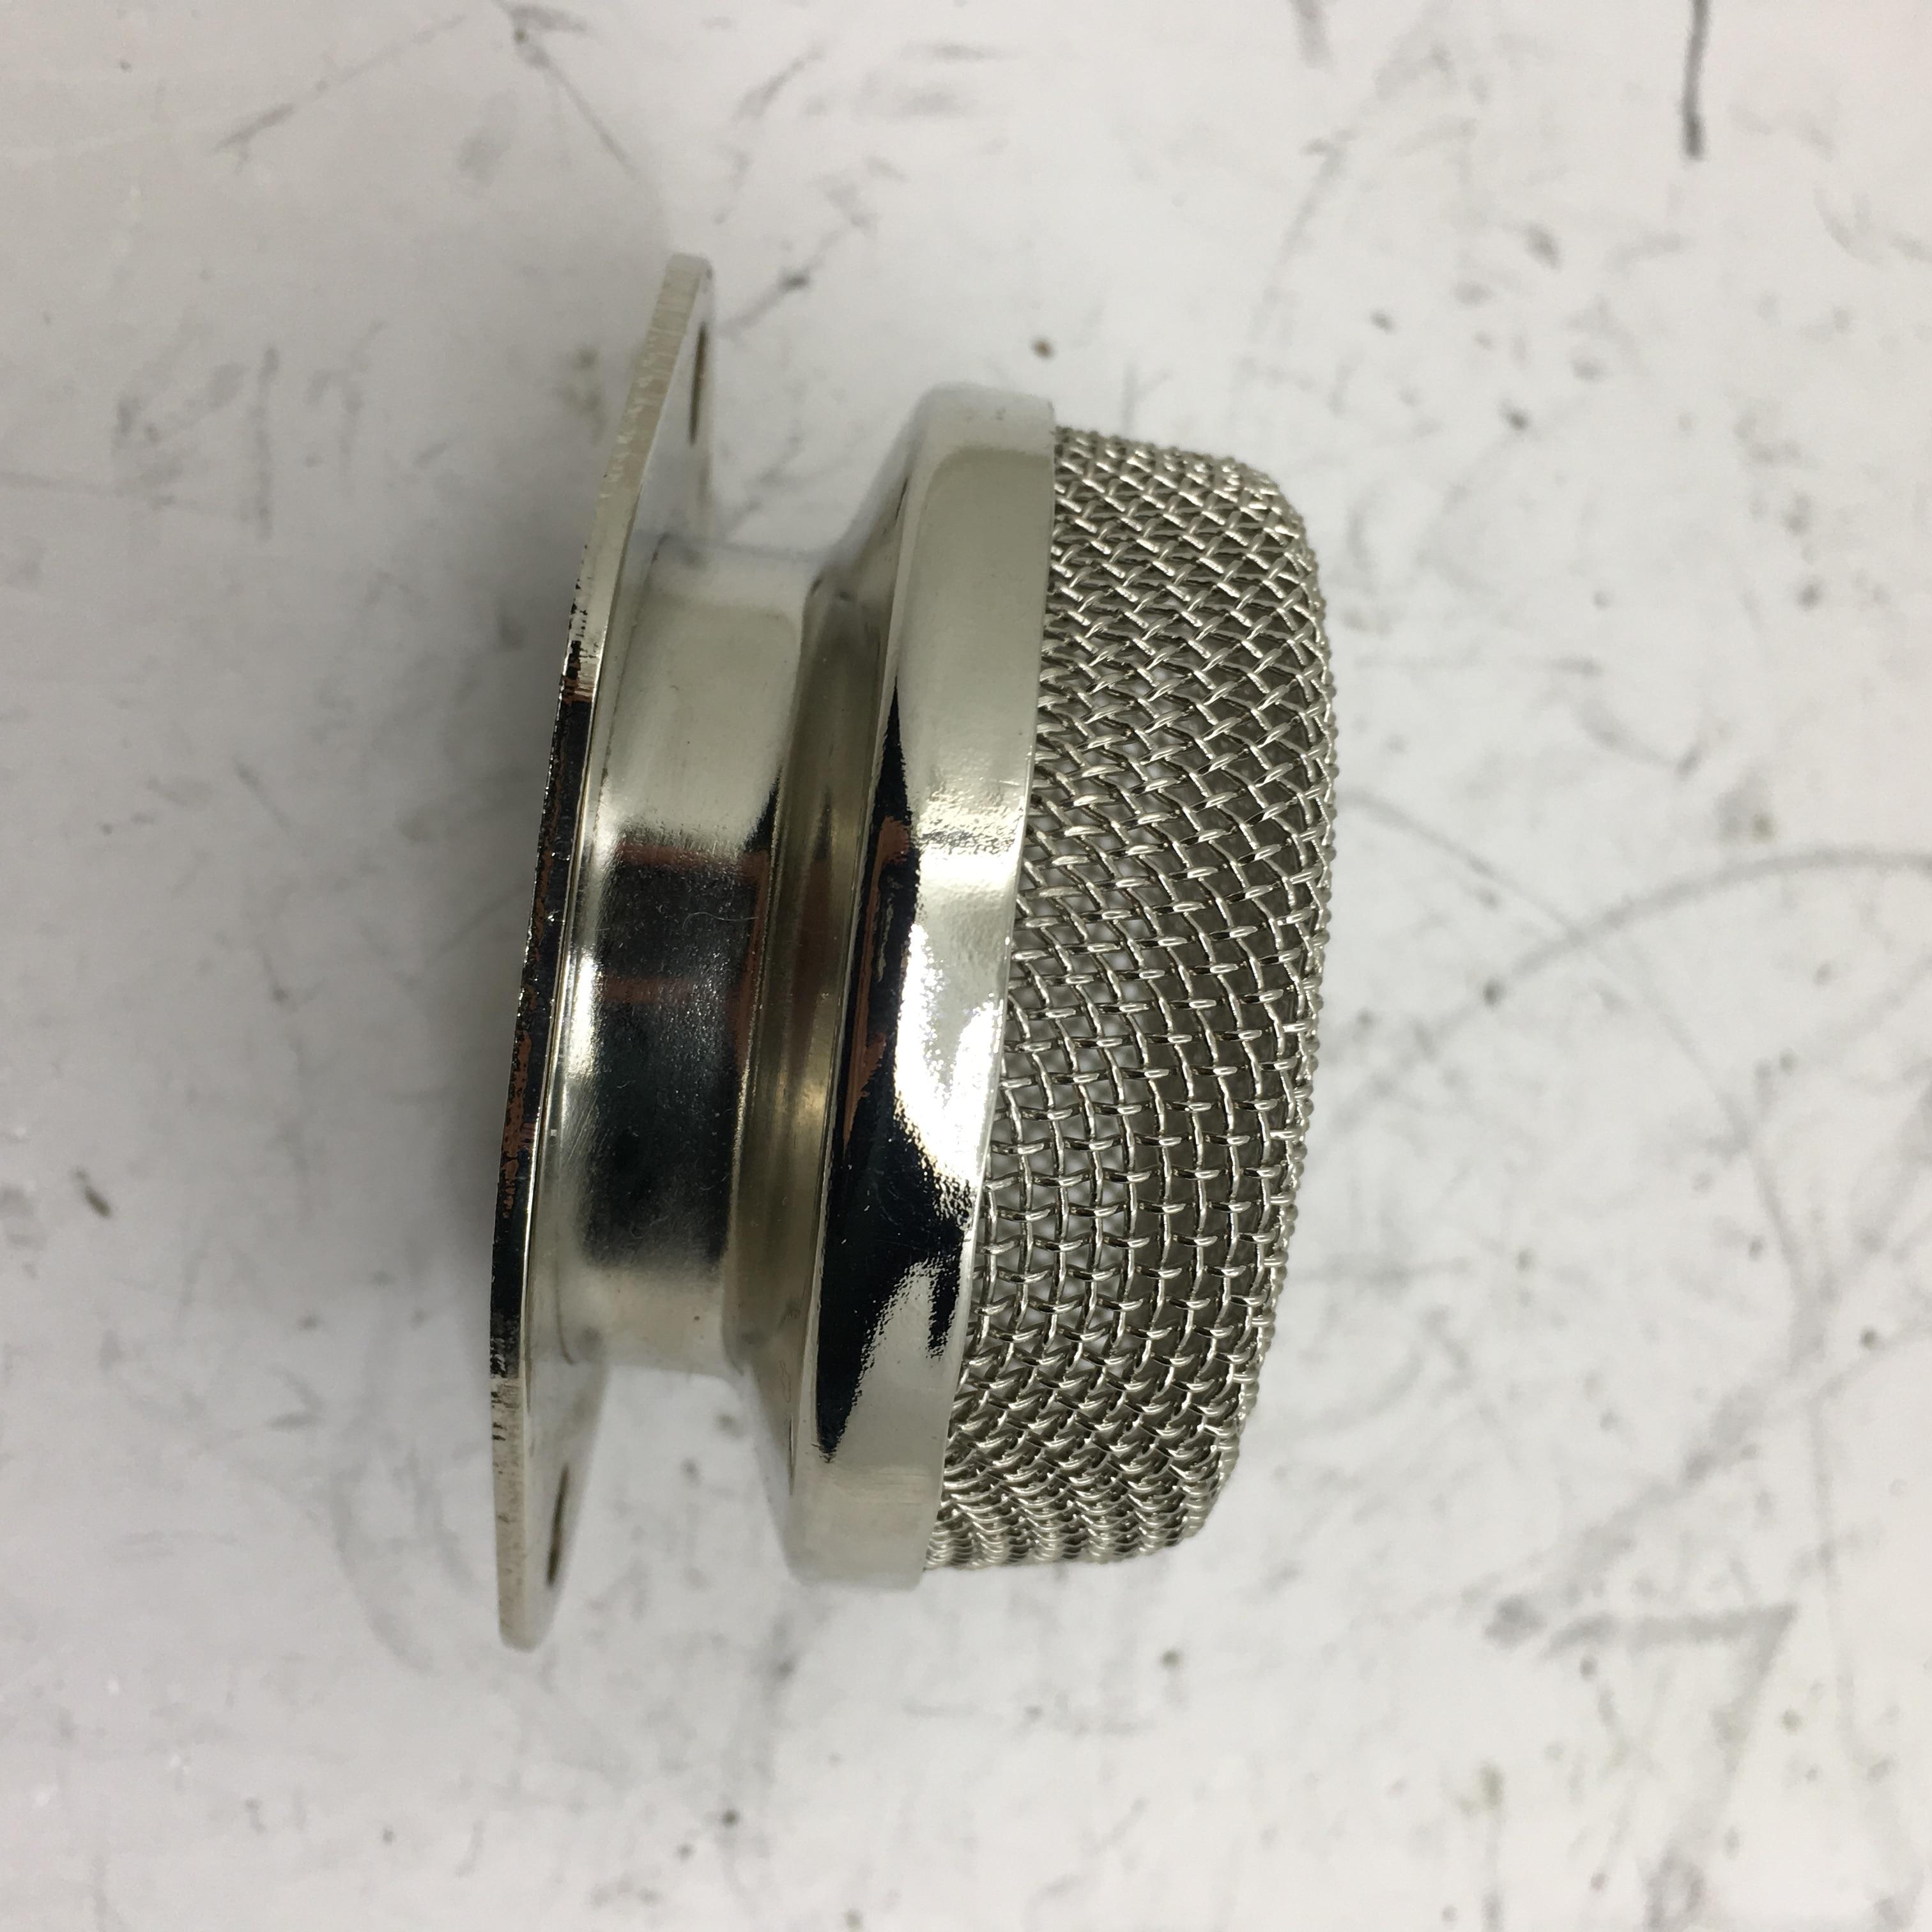 SherryBerg fajs carburateur carburateur carburateur vitesse pile Air klaxon tuyau de bélier trompette pour WEBER 44/40/48 IDF DELLORTO 45 DHLA